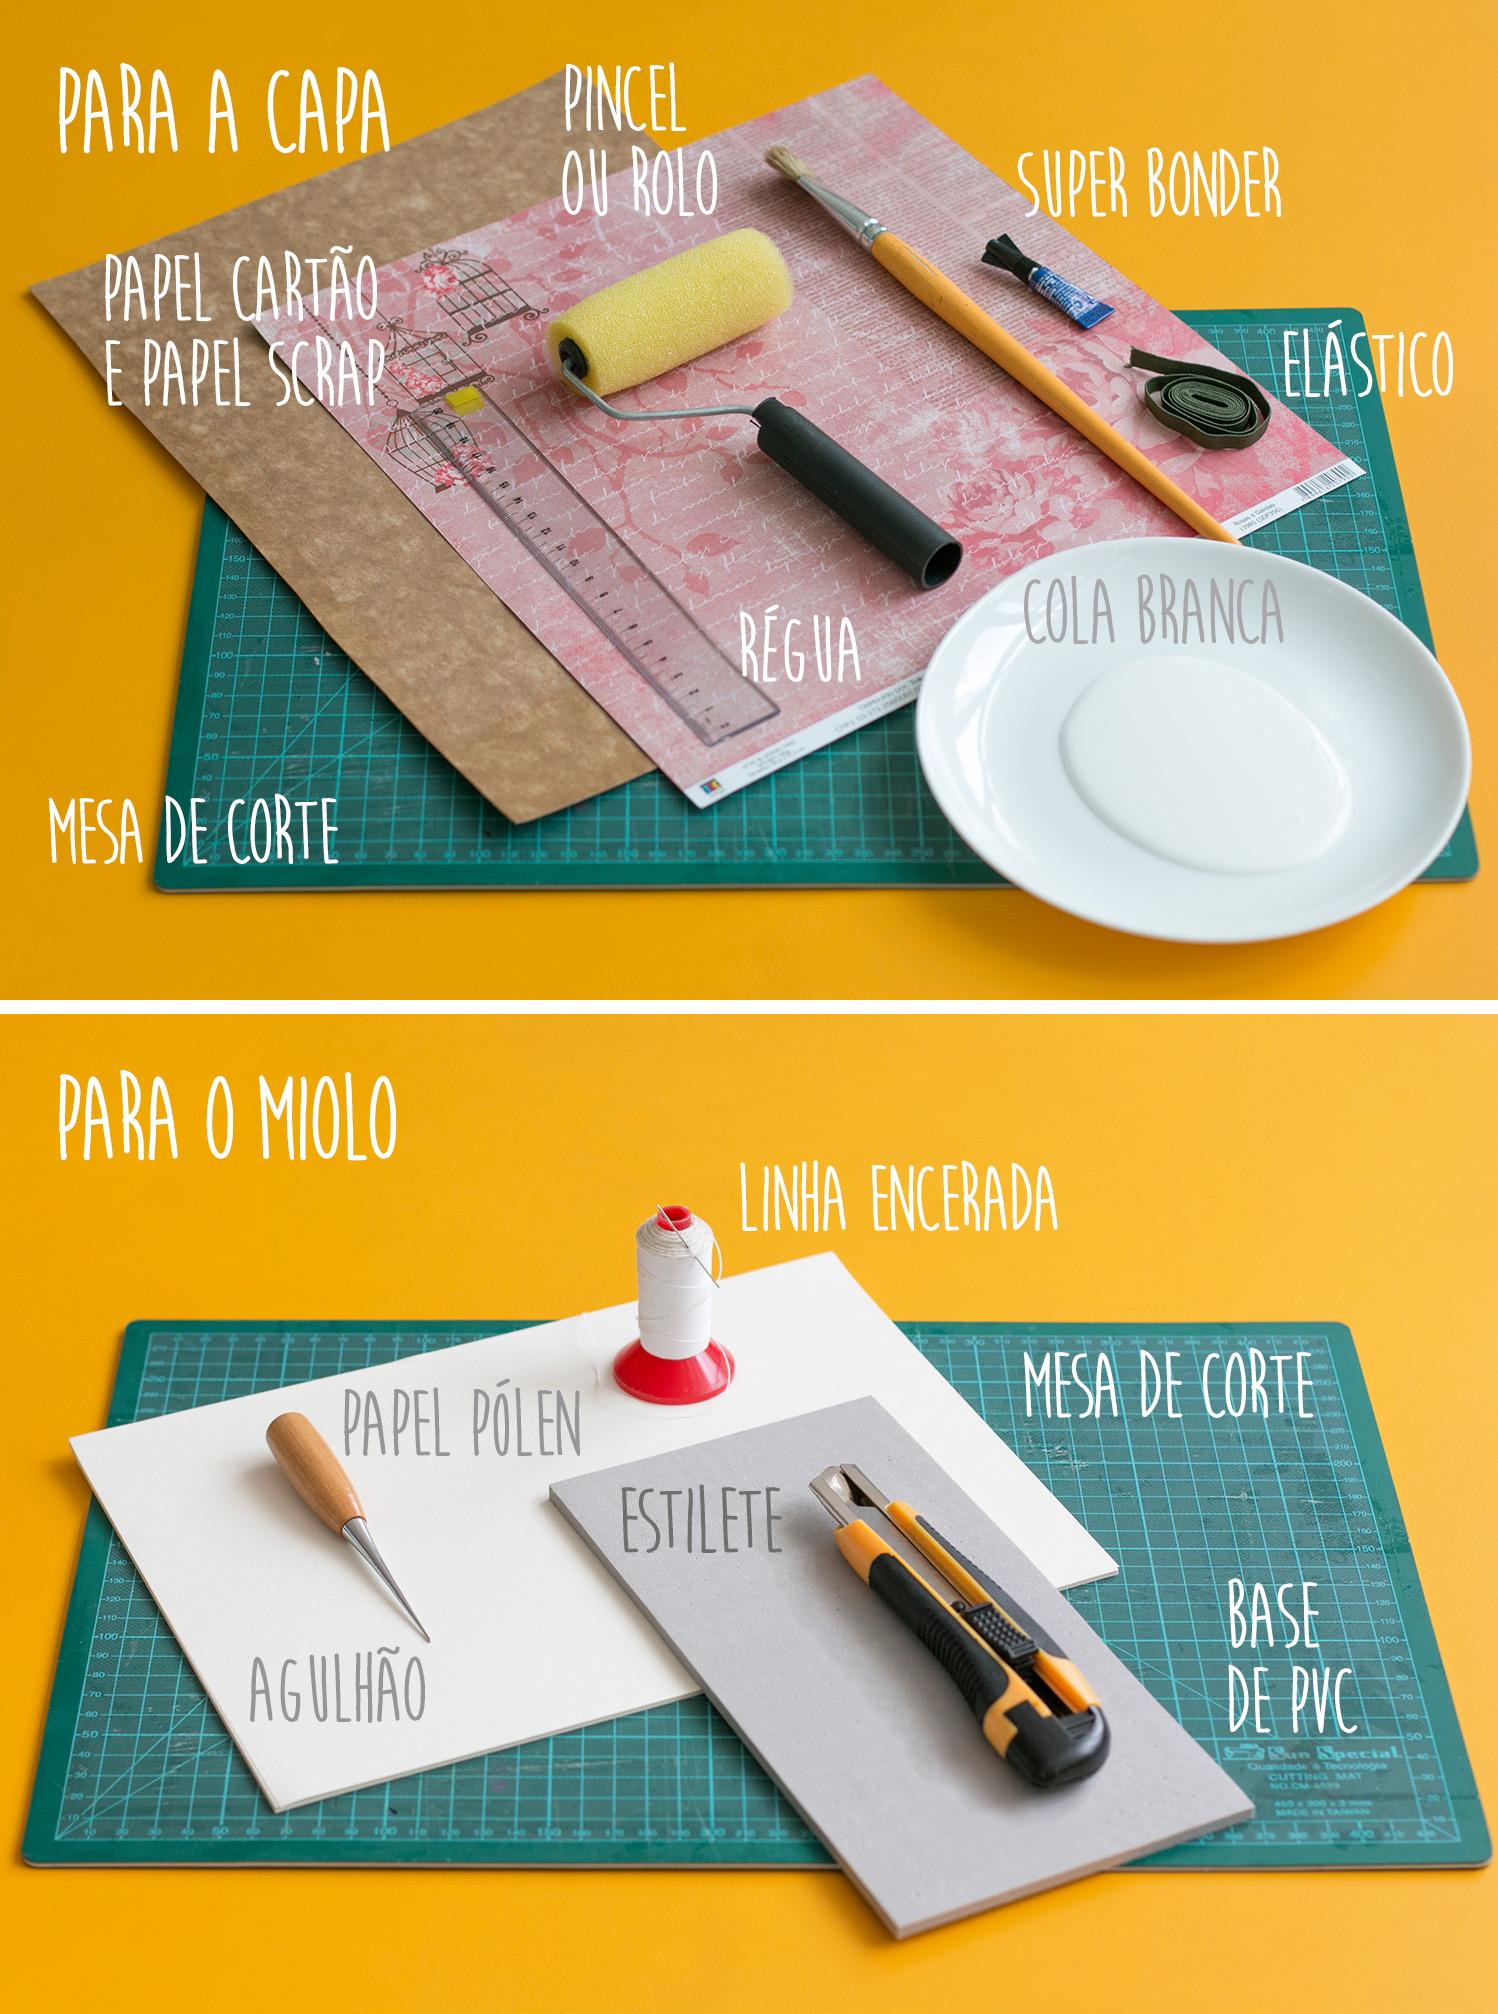 Para fazer essa técnica de encadernação manual, você vai precisar de: papel cartão, papel scrap, um pincel ou rolo de pintura, régua, superbonder, cola branca, um elástico, linha encerada, papel pólen, estilete, mesa de corte, base de PVC e um agulhão ou ferramenta auxiliar